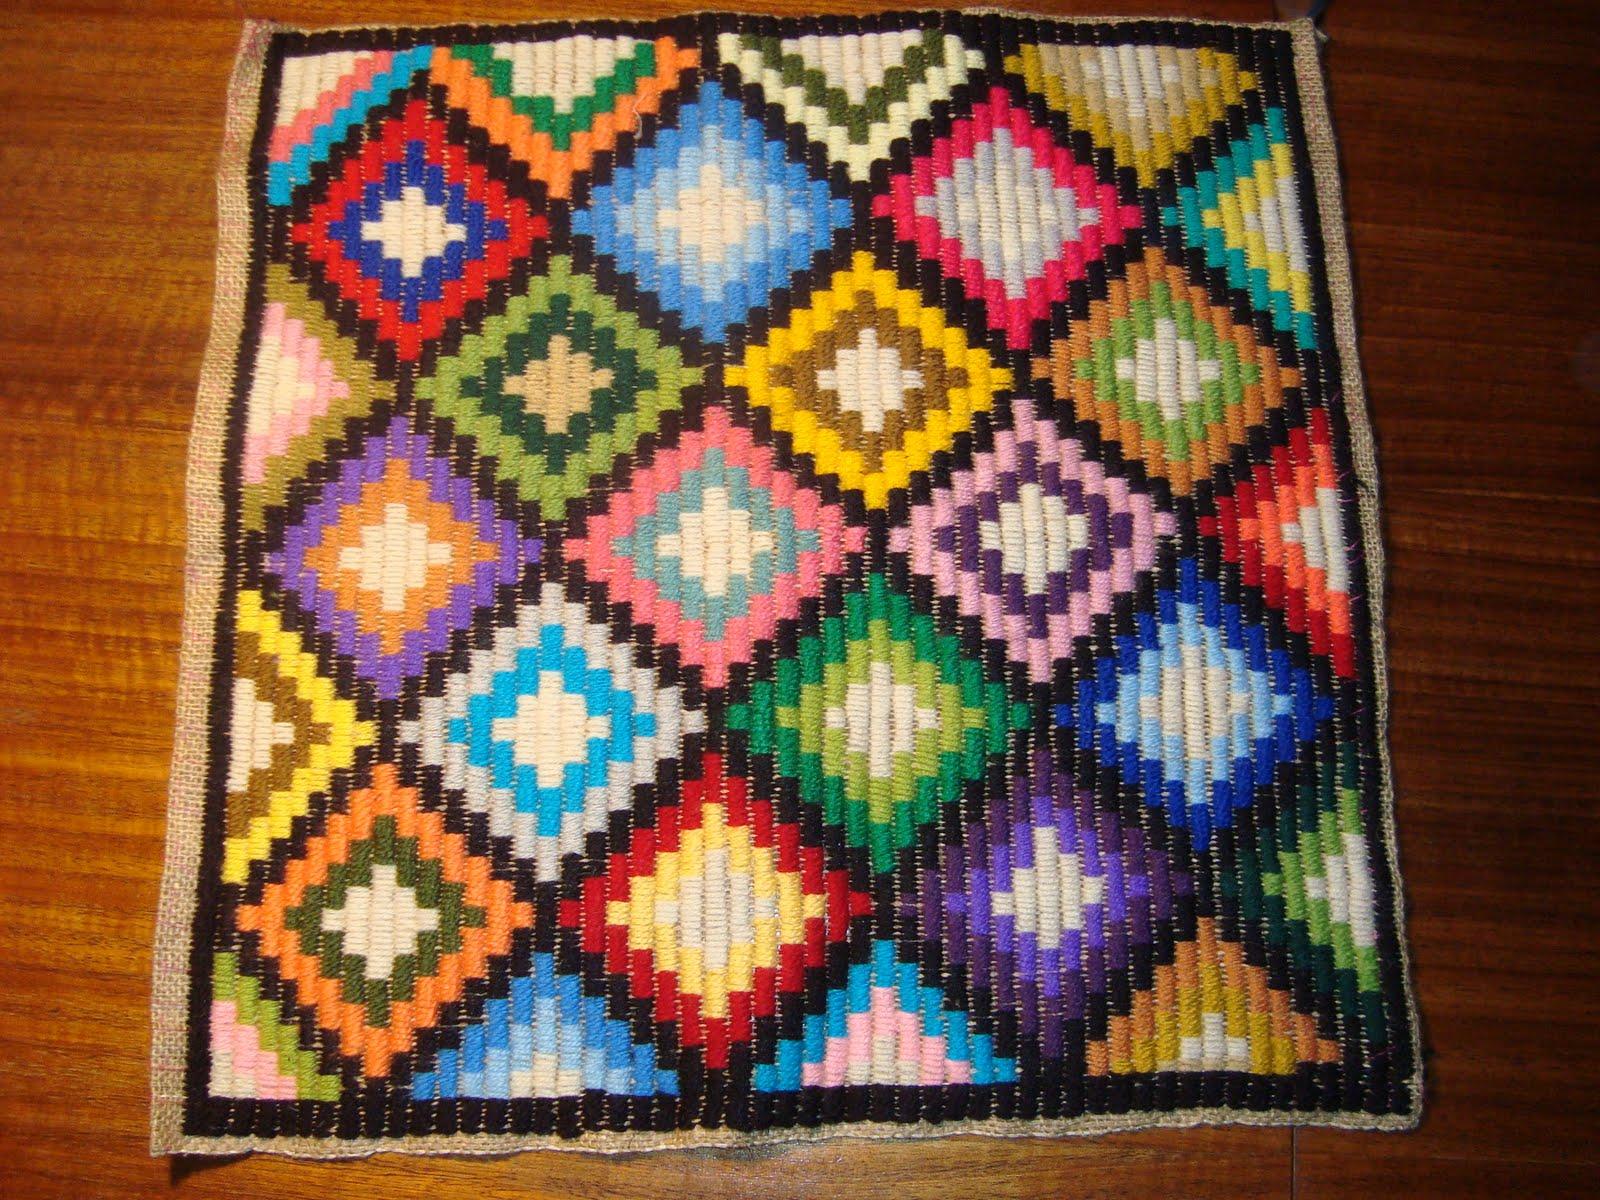 Manualidades del sur trabajo de bordado en arpillera for Como hacer alfombras en bordado chino